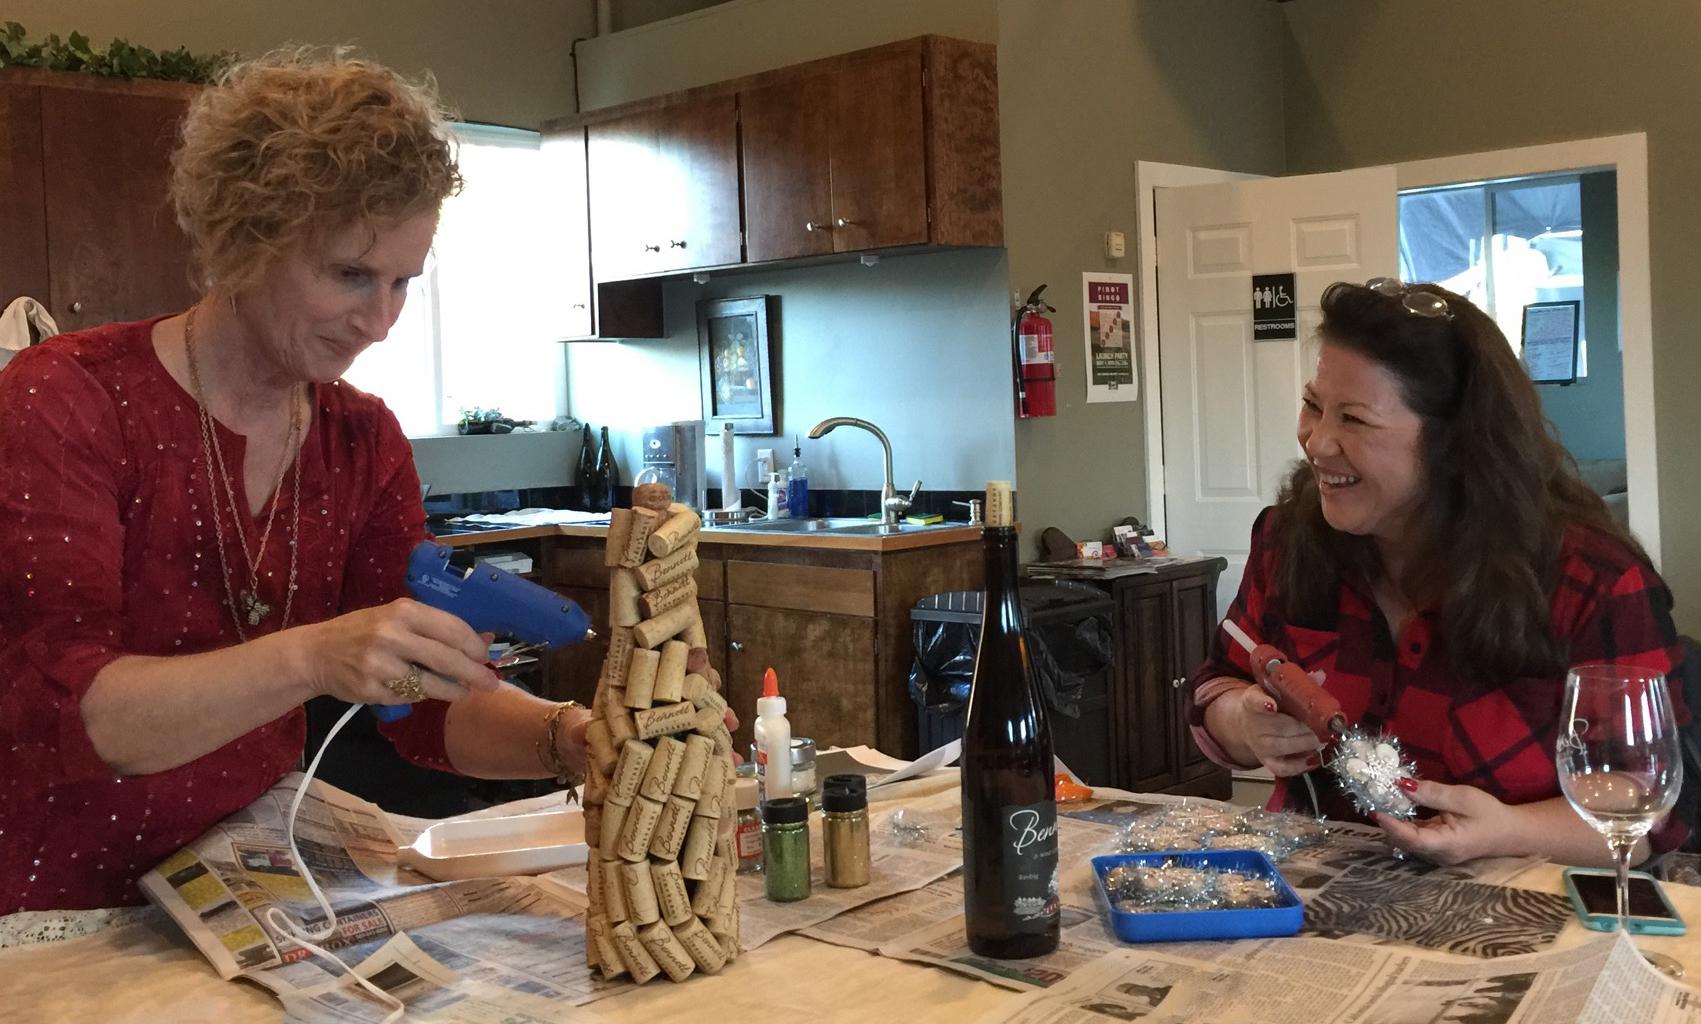 bennett-vineyards-crafternoons-jan17a.jpg